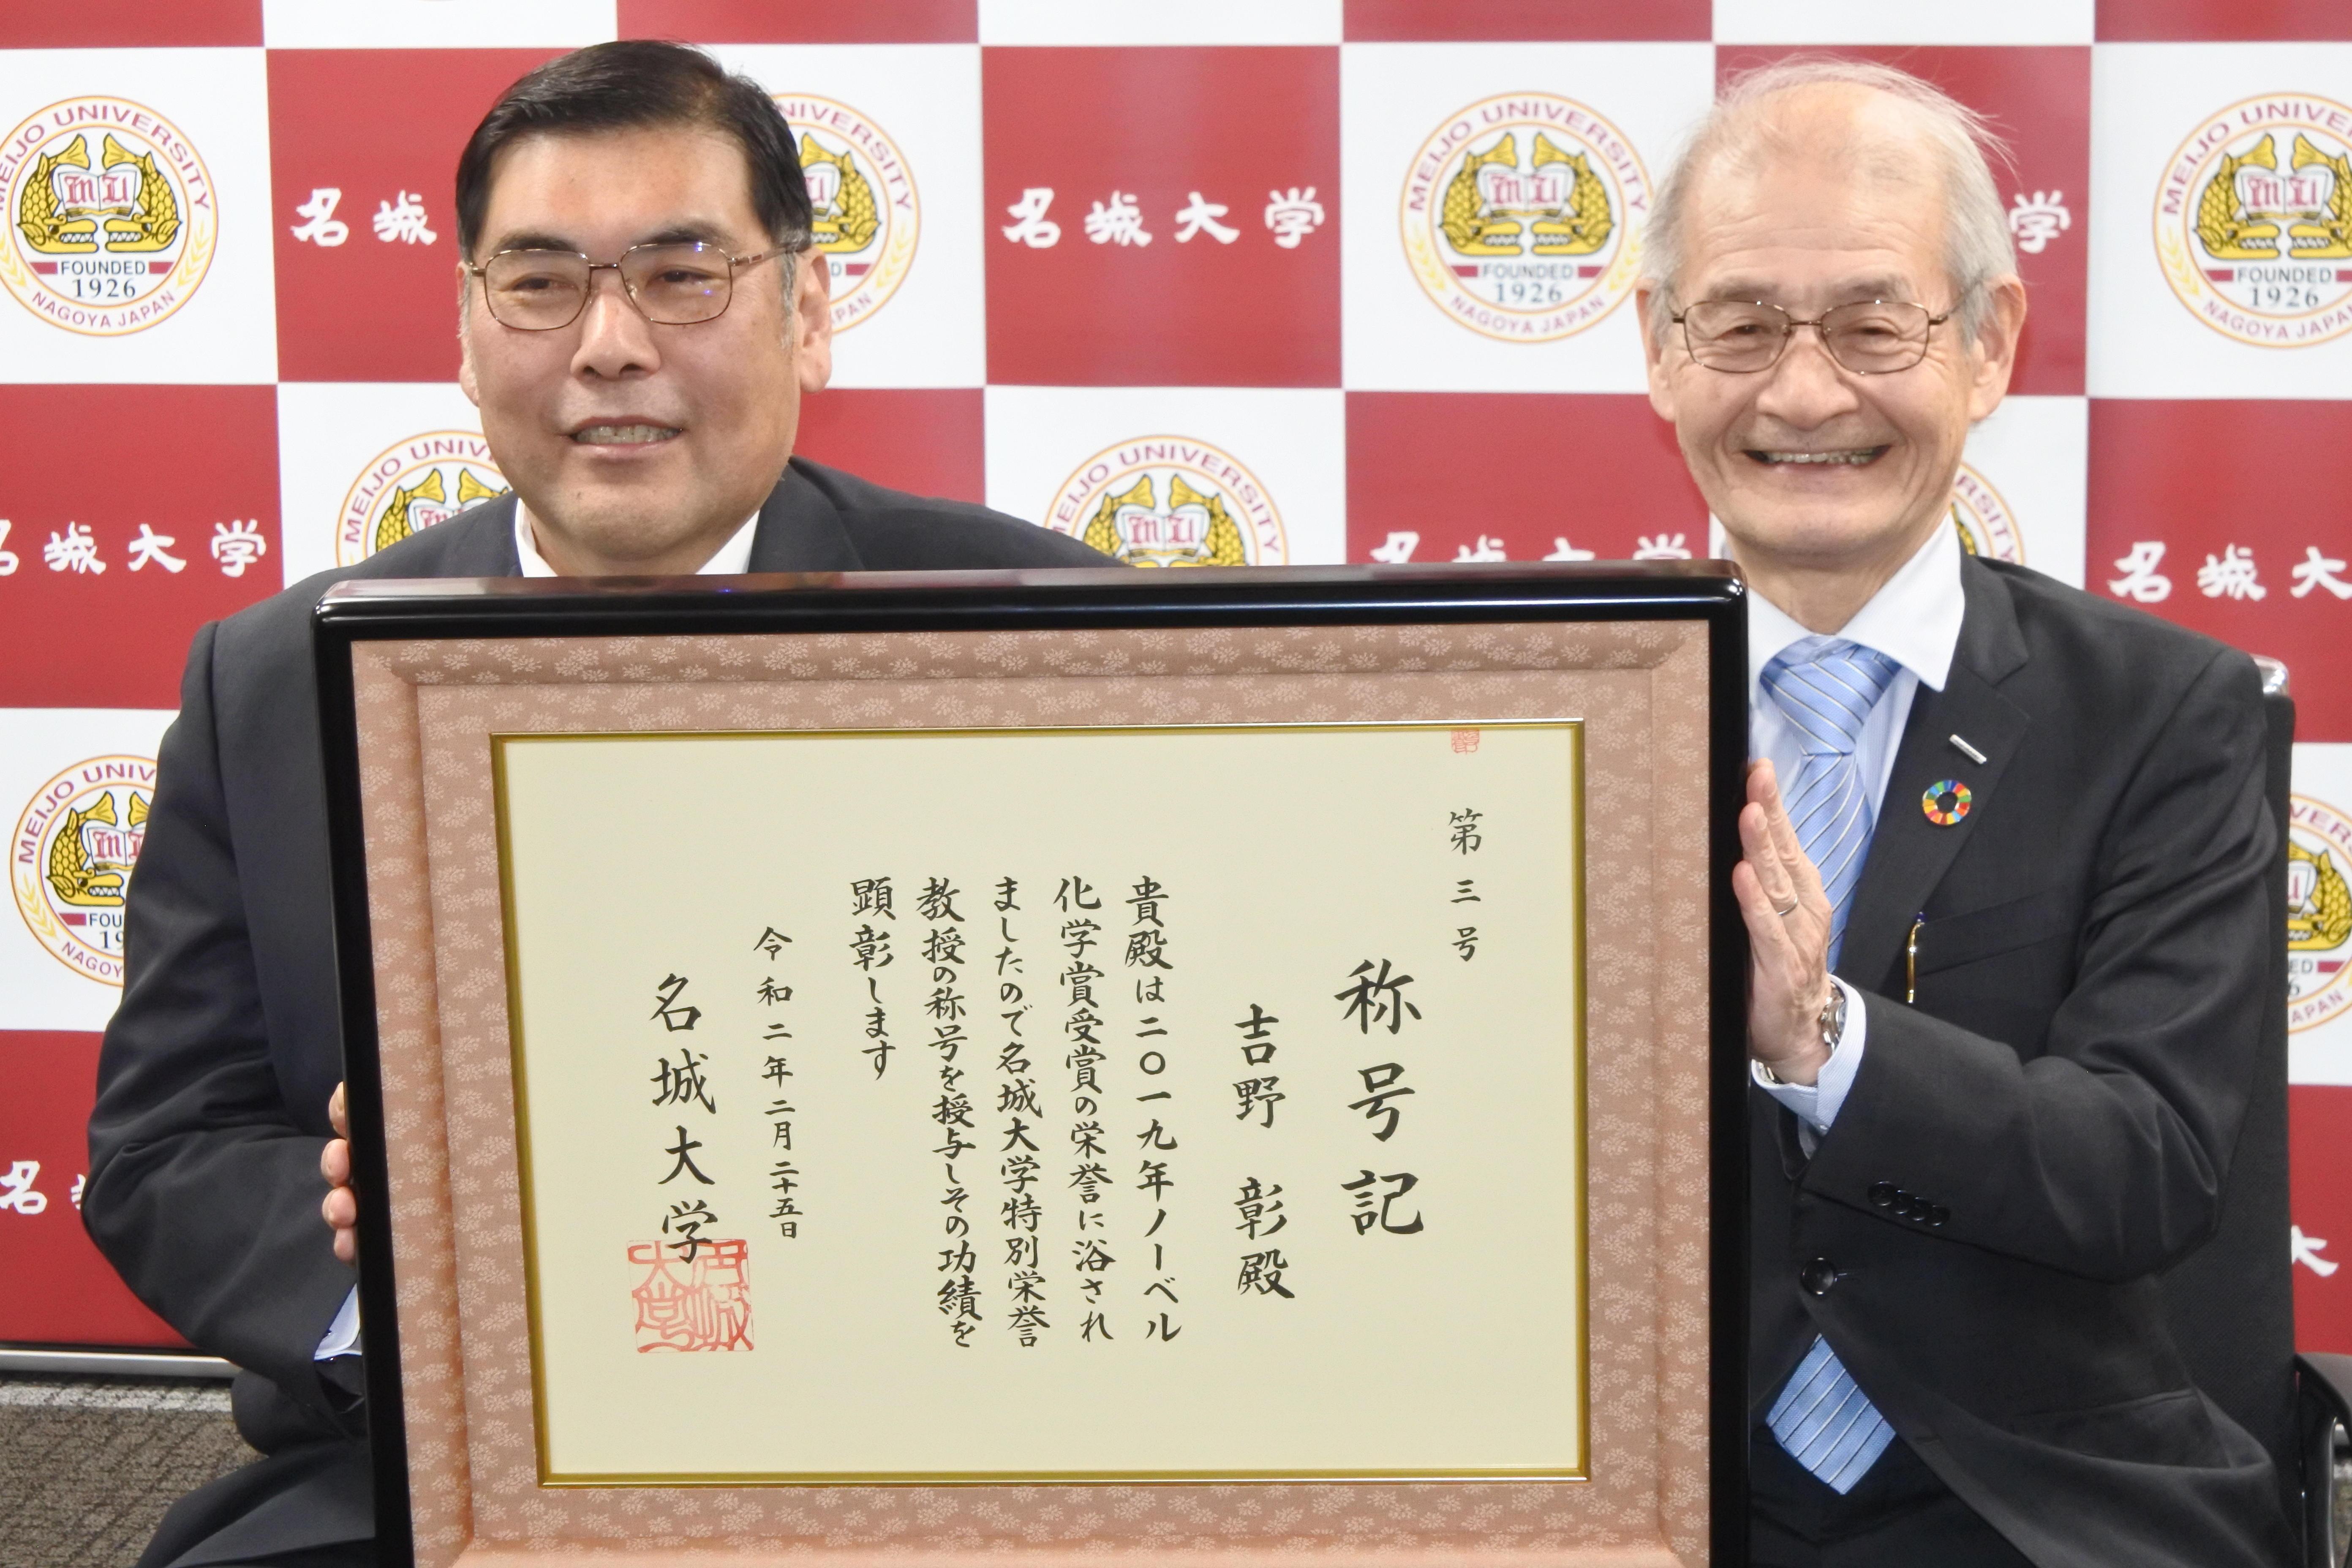 2020年2月25日に特別栄誉教授の称号を受けた際、小原章裕学長(左)と記念写真に納まる吉野彰教授